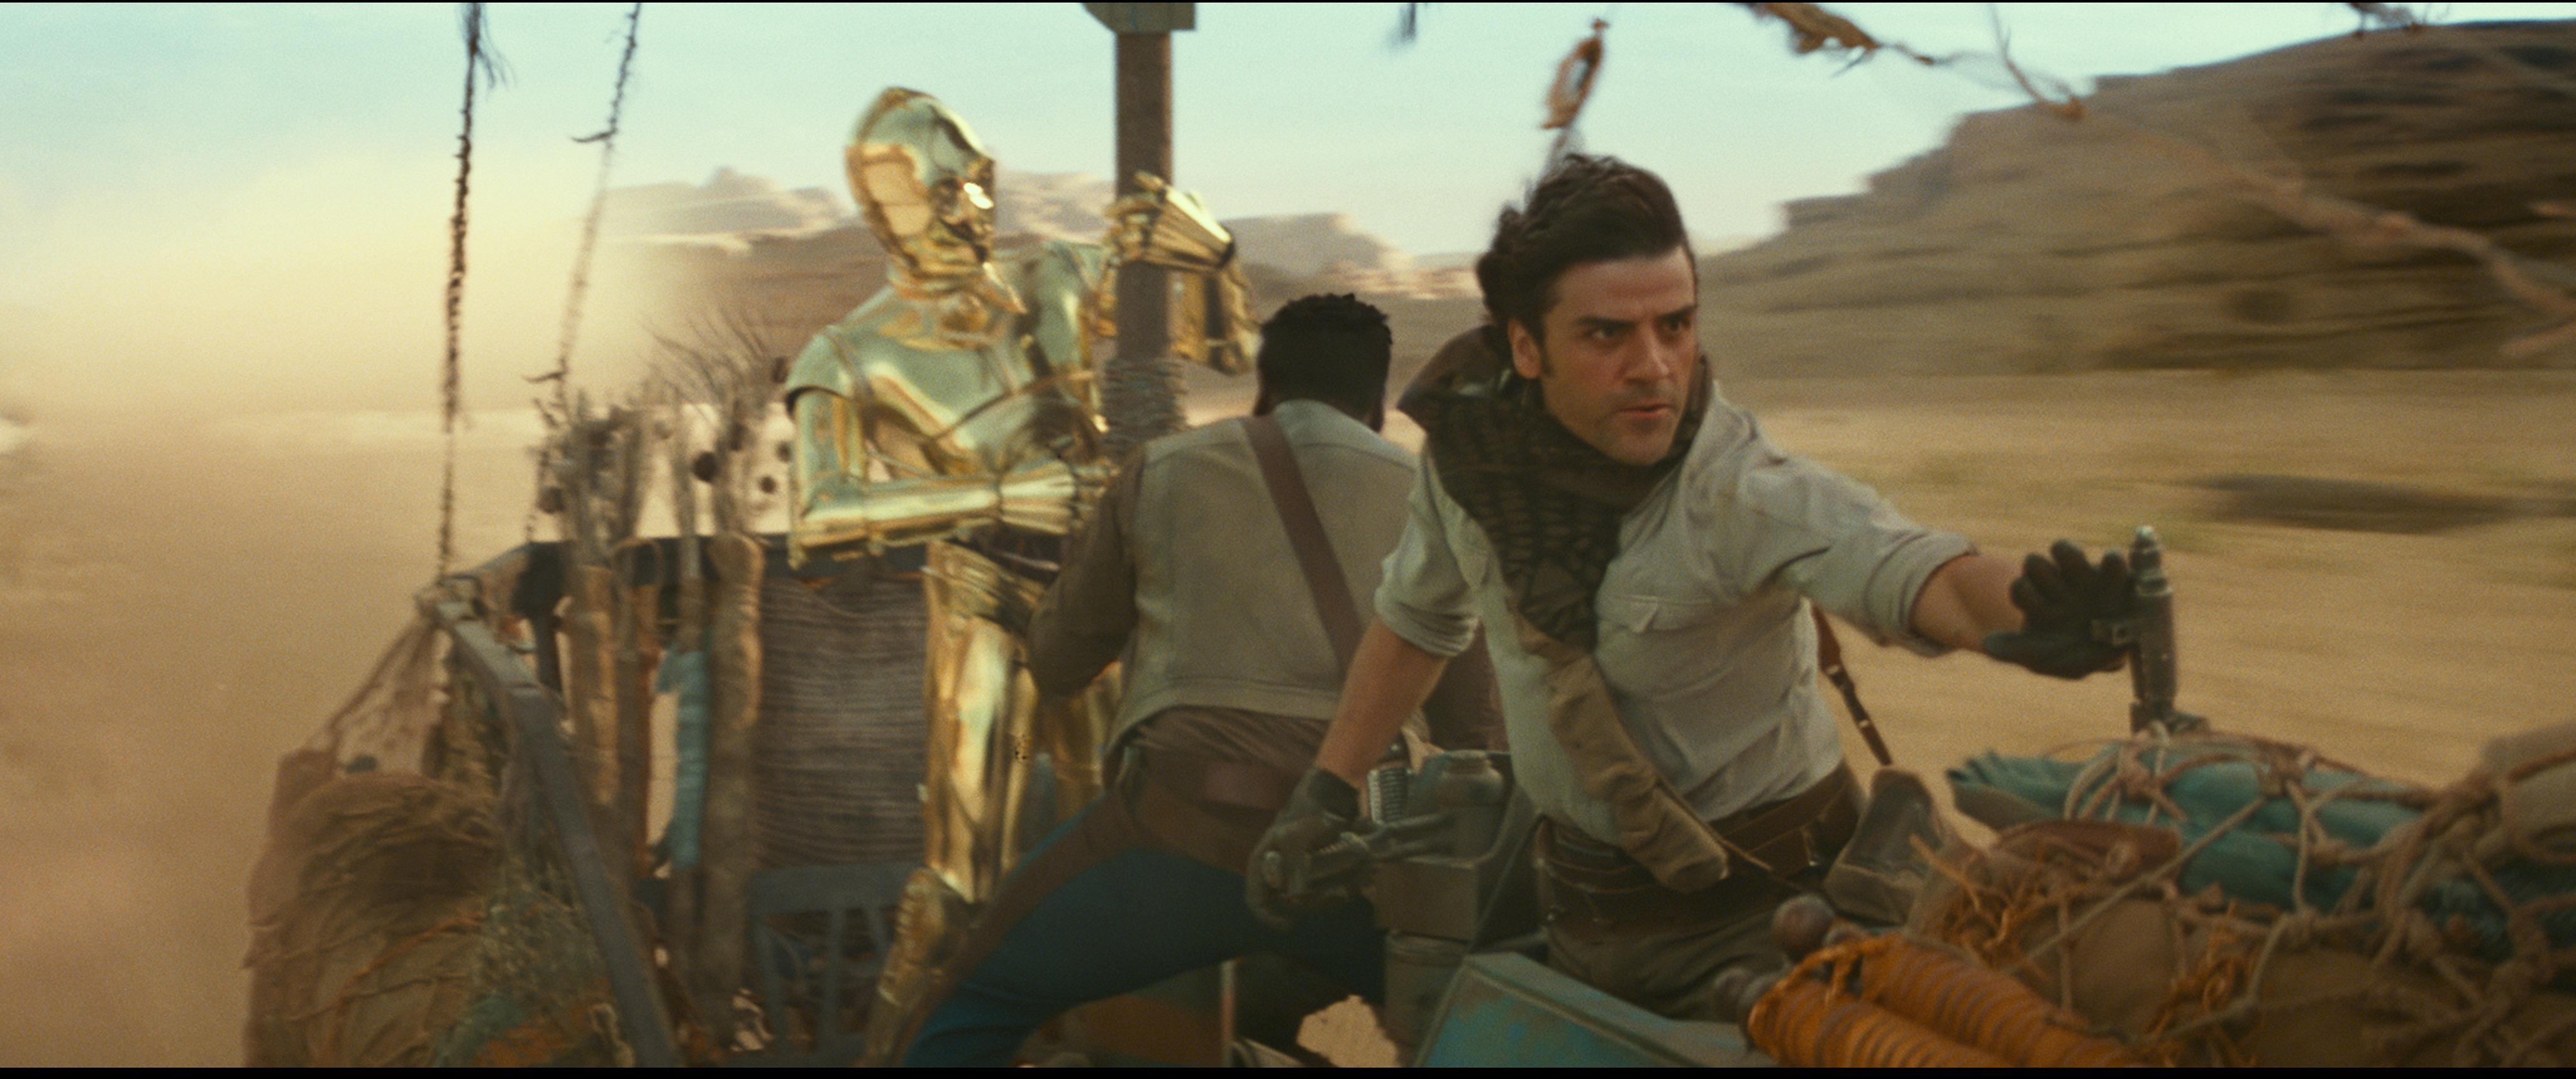 Die Filmfiguren Finn, gespielt von John Boyega, und Poe, gespielt von Oscar Isaac, mit C3PO auf einem Gefährt.